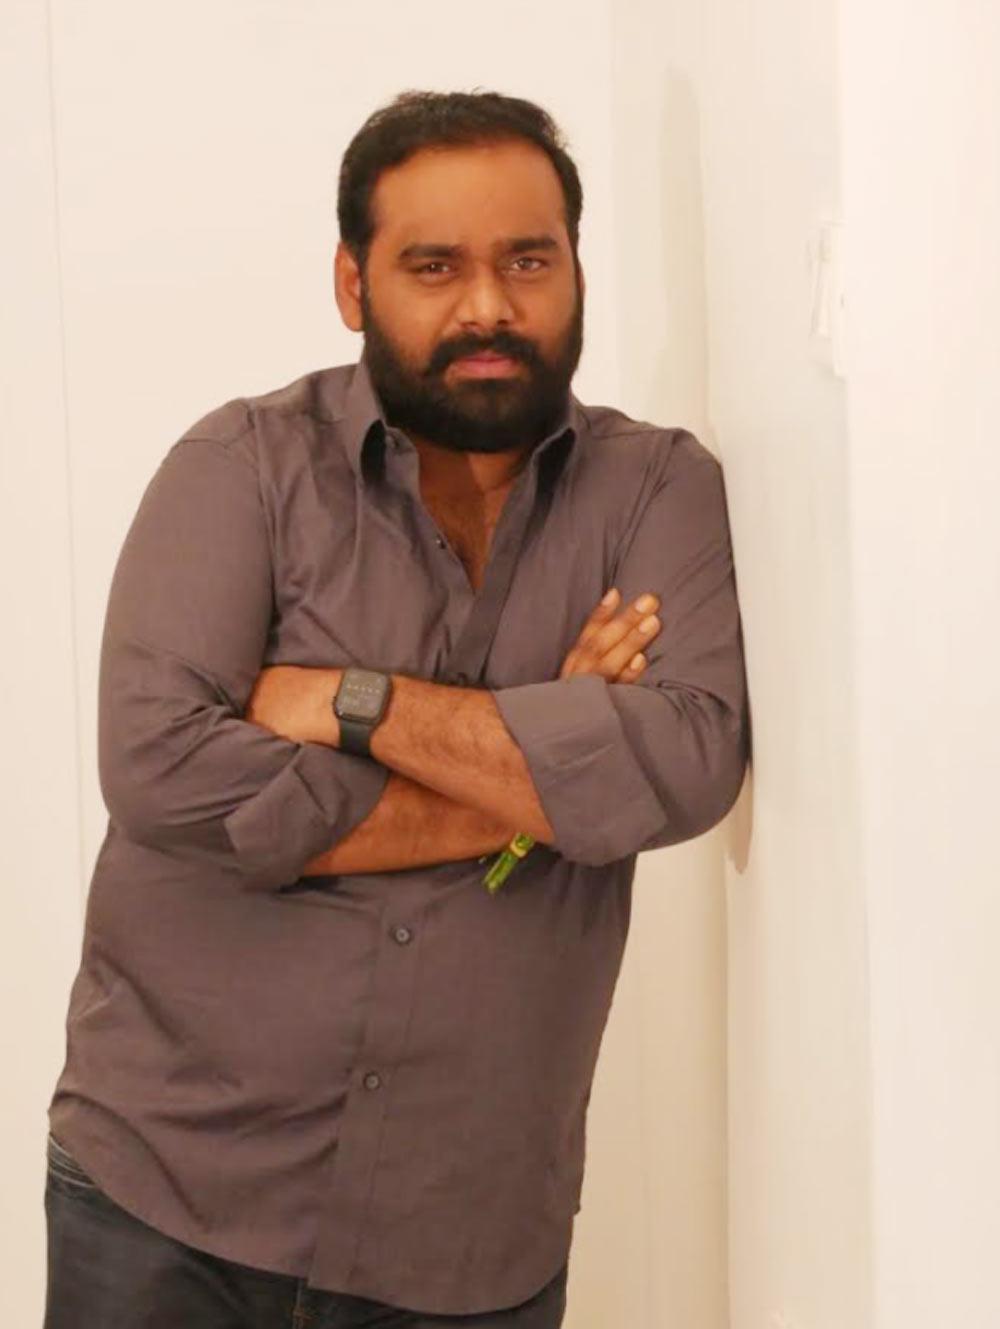 producer rajesh naidu interview  ఈకథలో పాత్రలు కల్పితం సినిమా అందరికి నచ్చుతుంది - నిర్మాత రాజేష్ నాయుడు